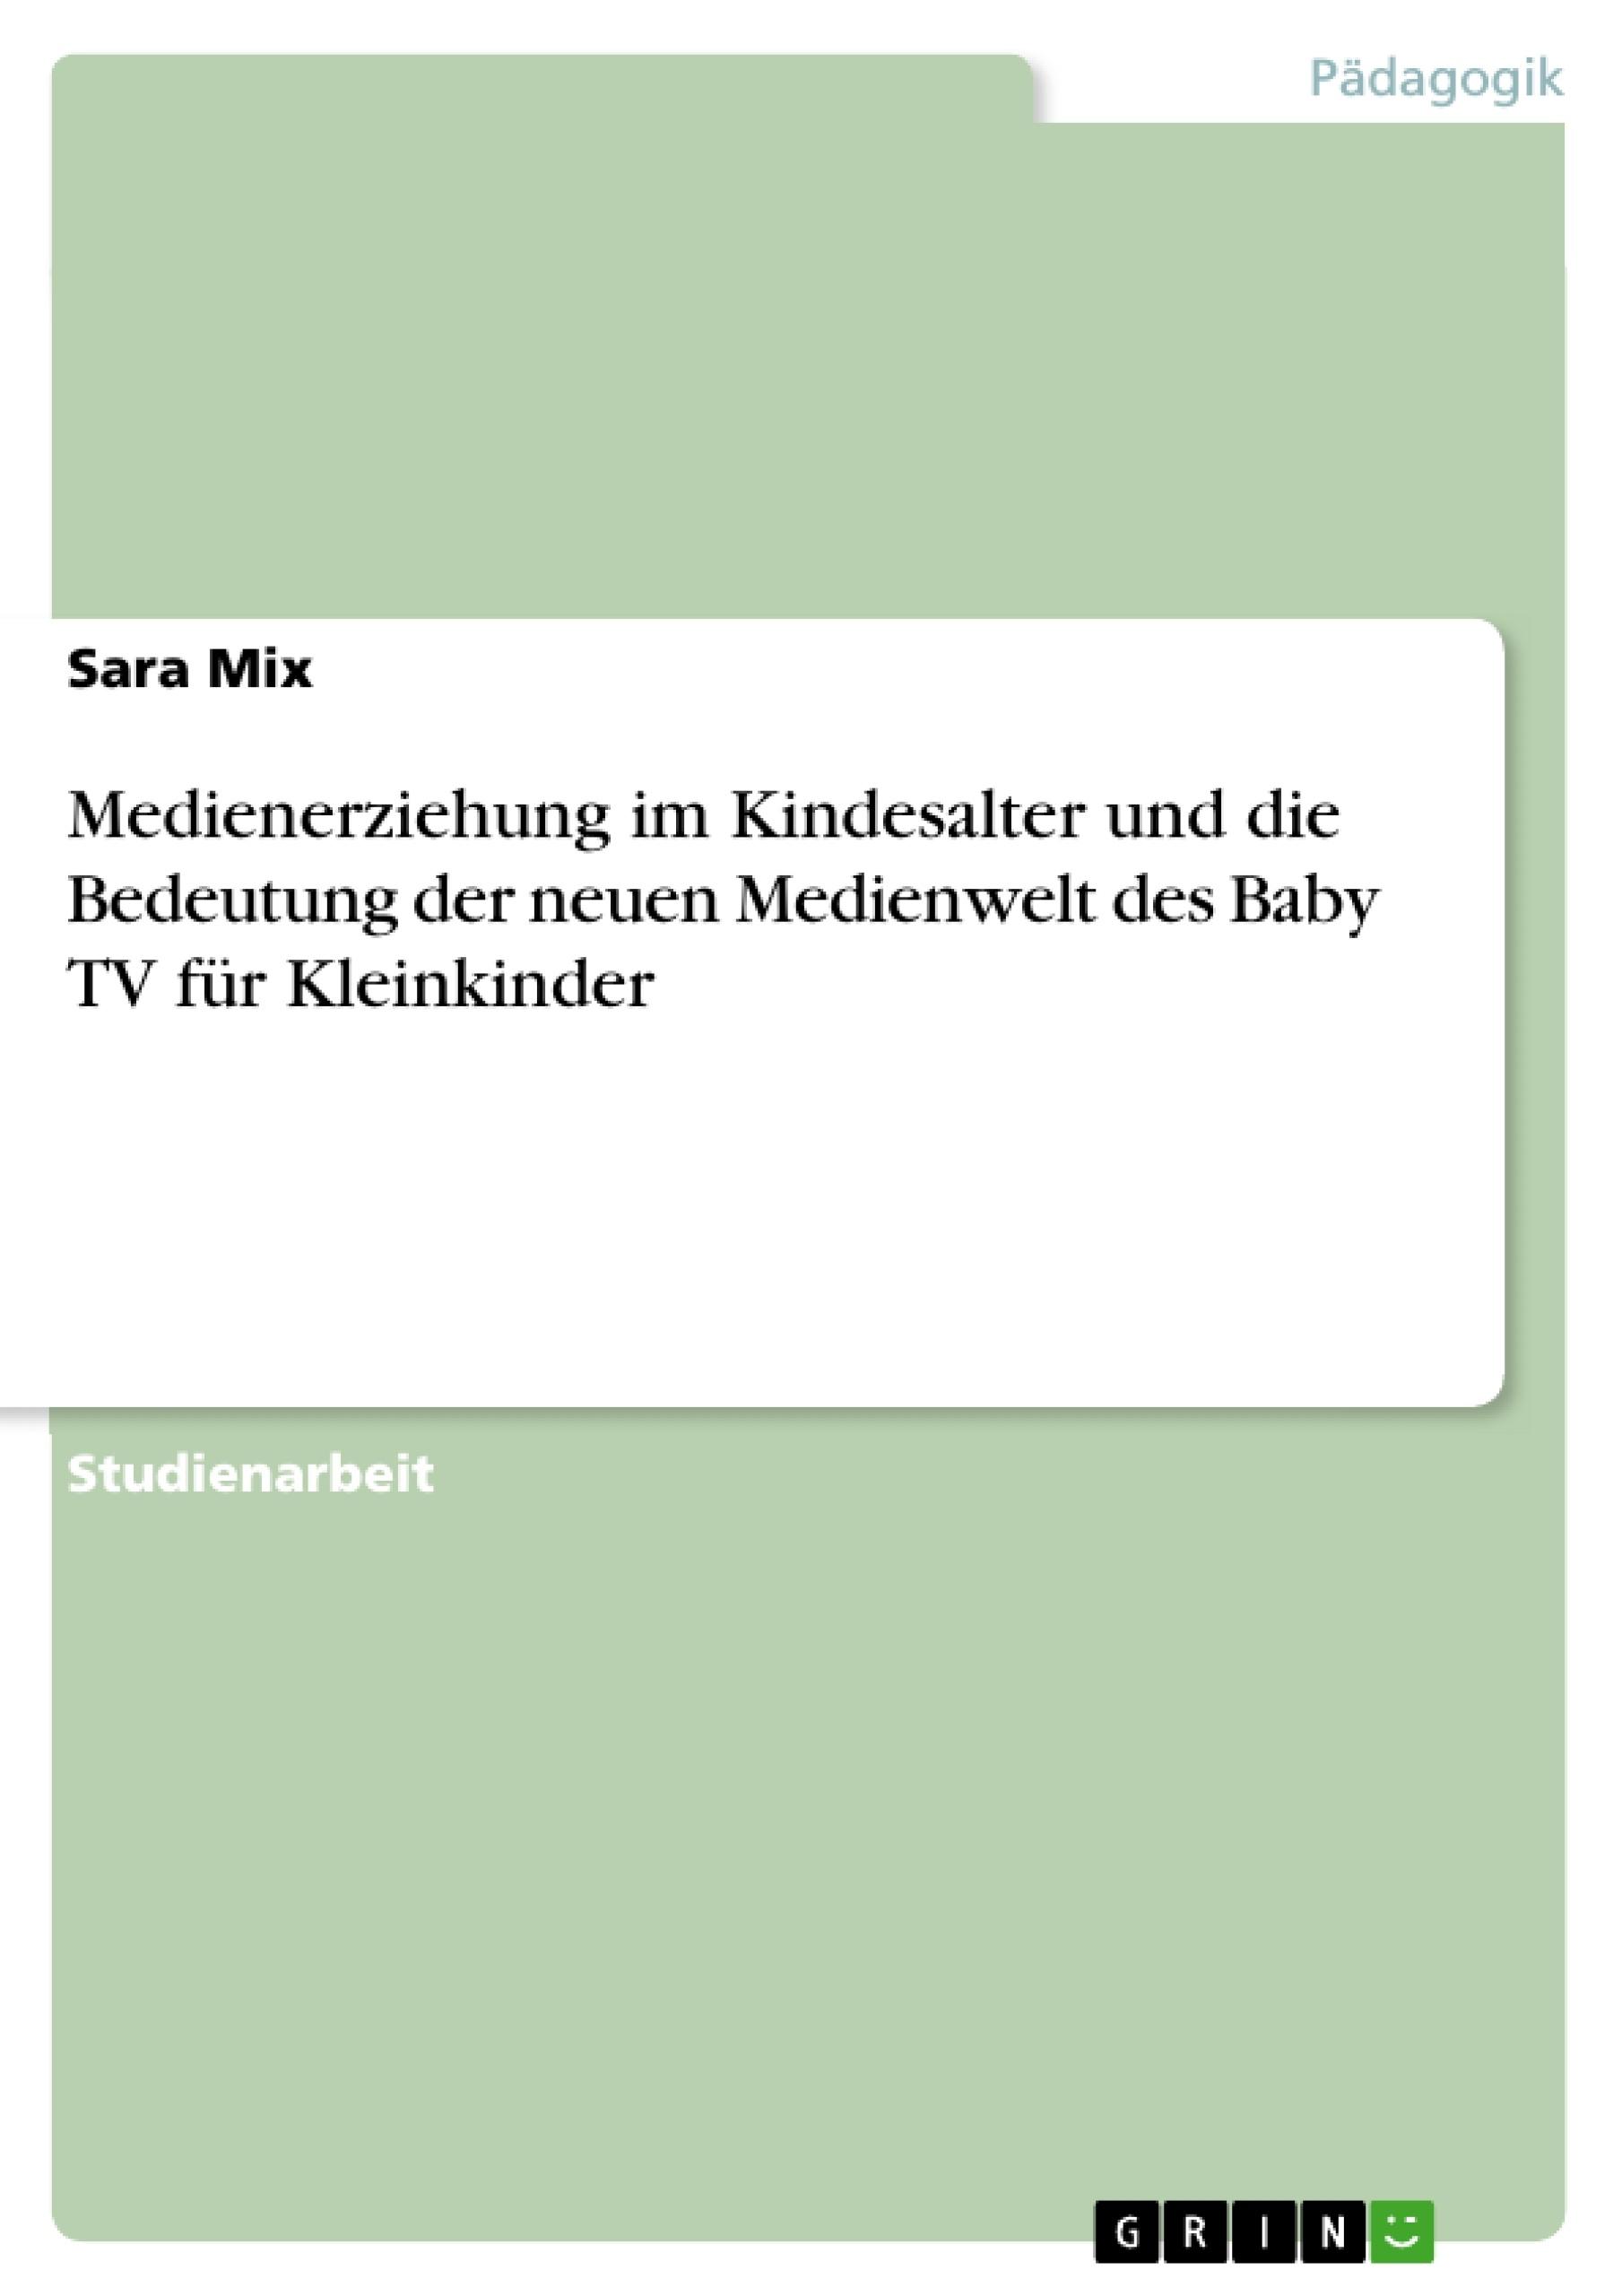 Titel: Medienerziehung im Kindesalter und die Bedeutung der neuen Medienwelt des Baby TV  für Kleinkinder